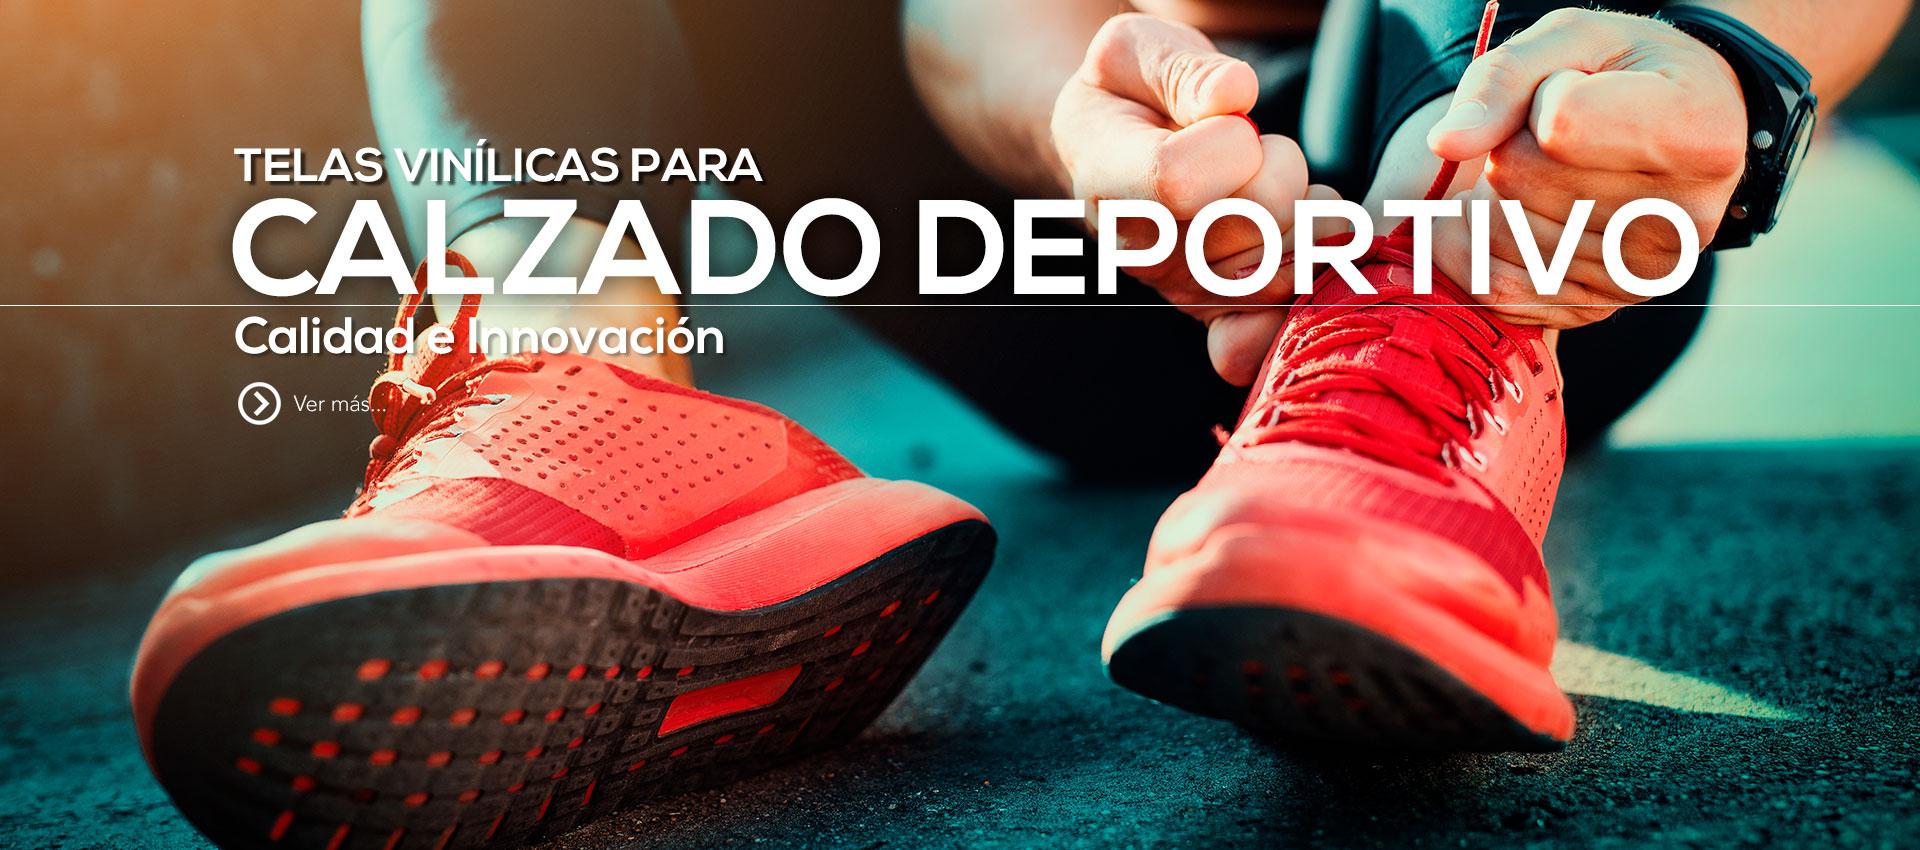 03-plastiquimica-calzado-deportivo